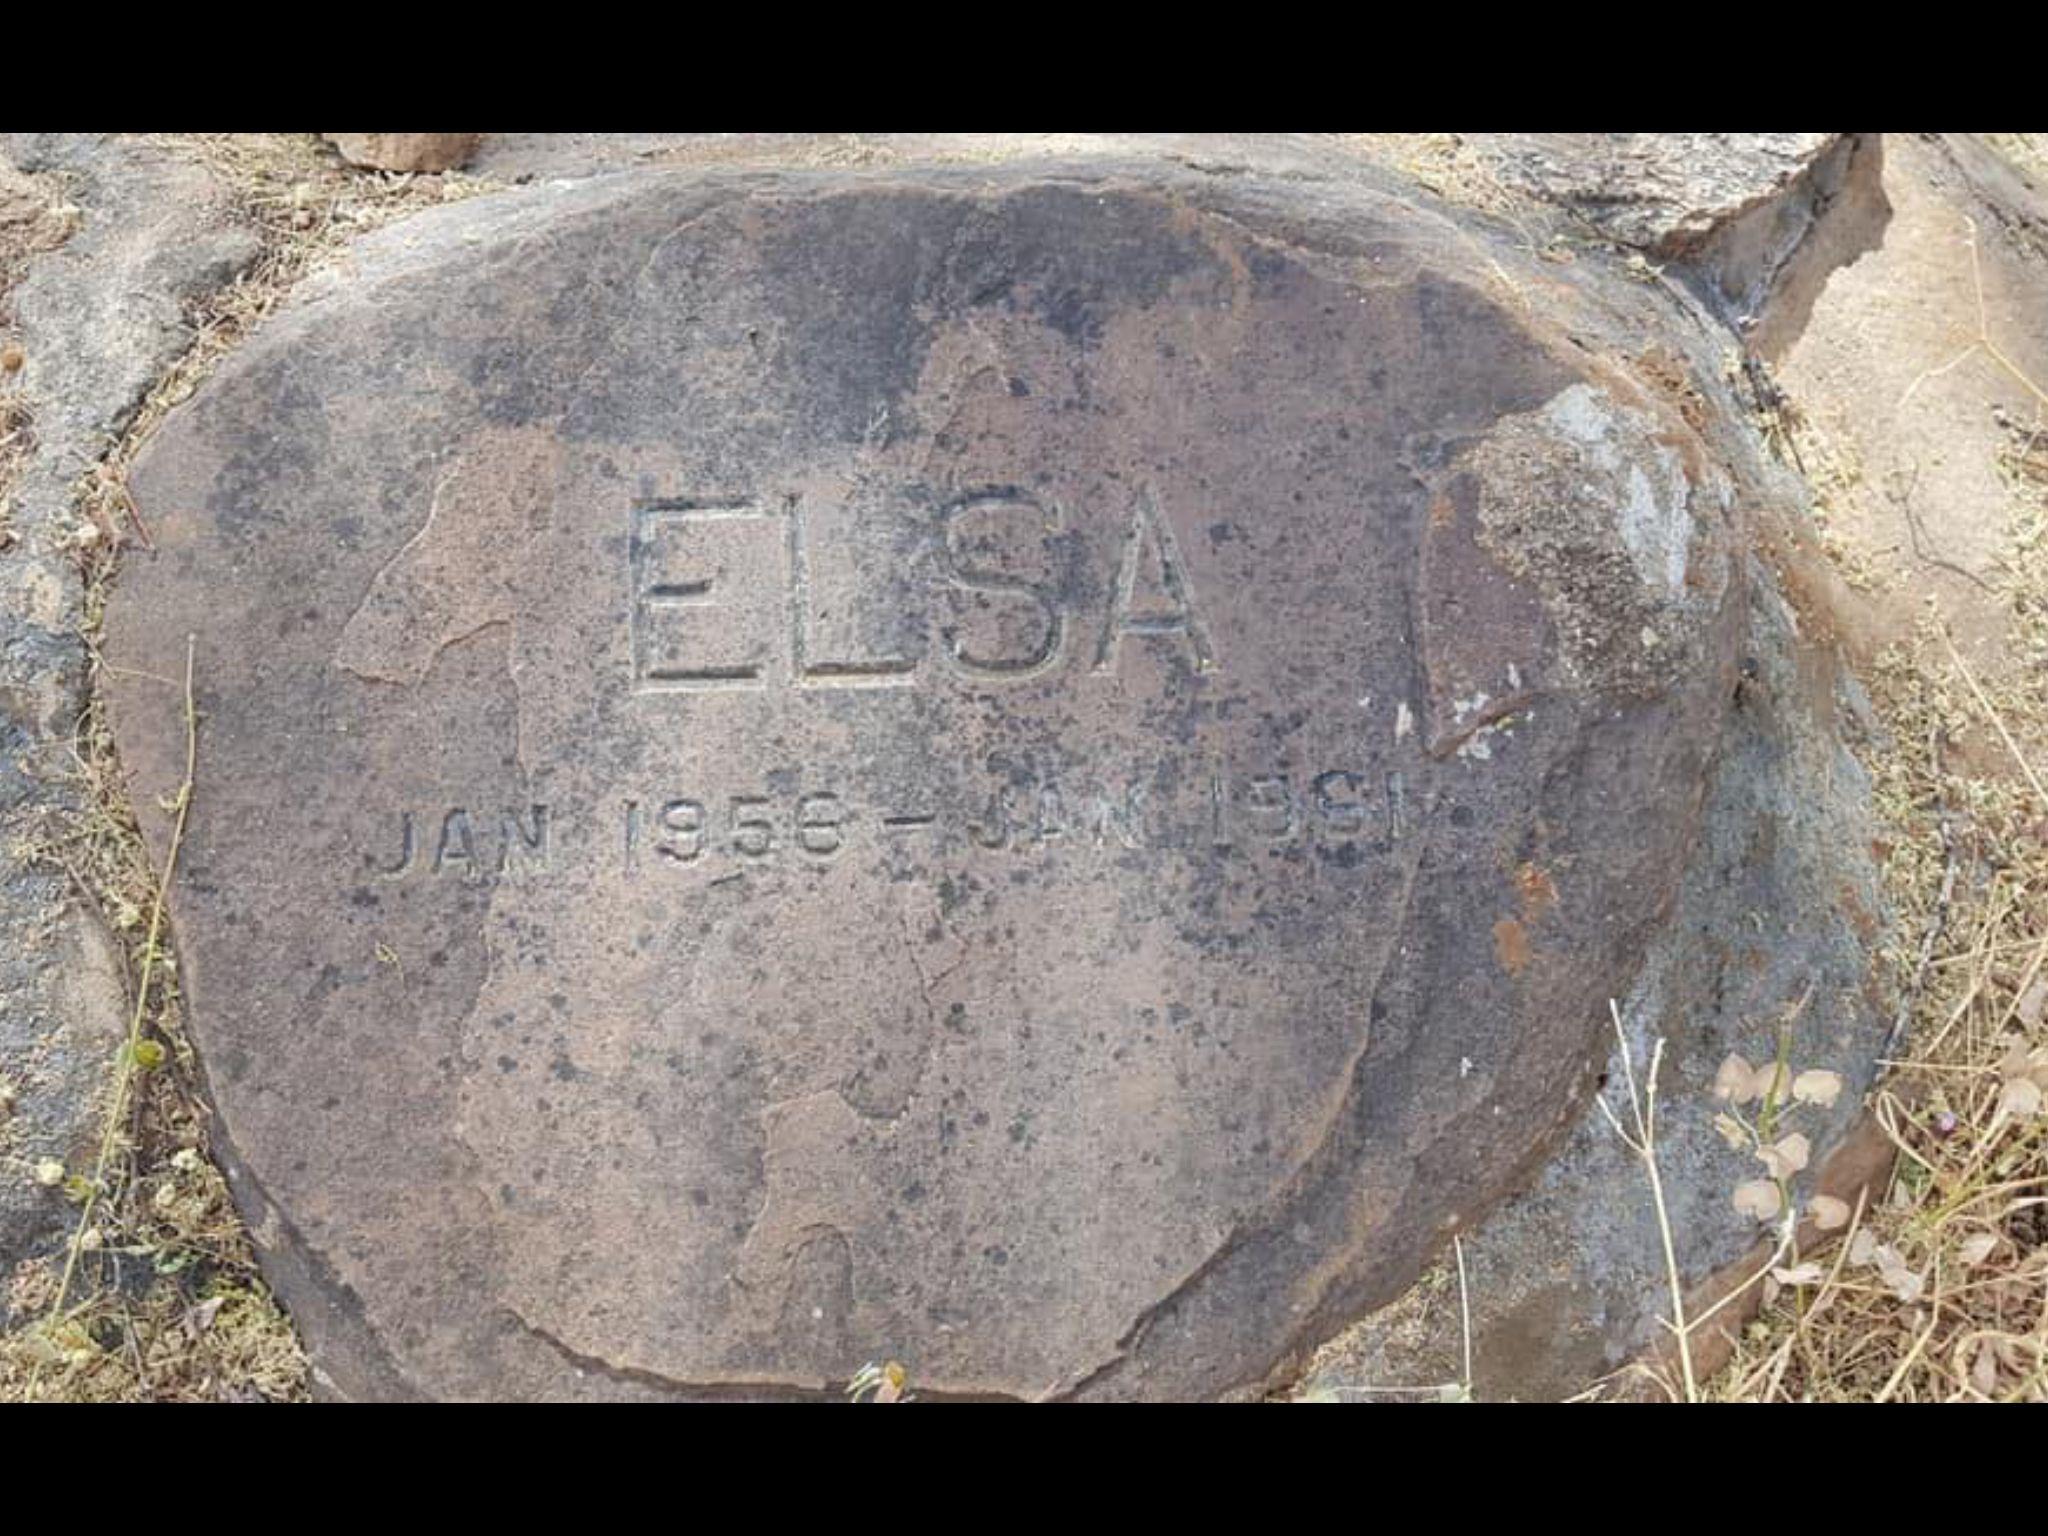 Elsa Grave